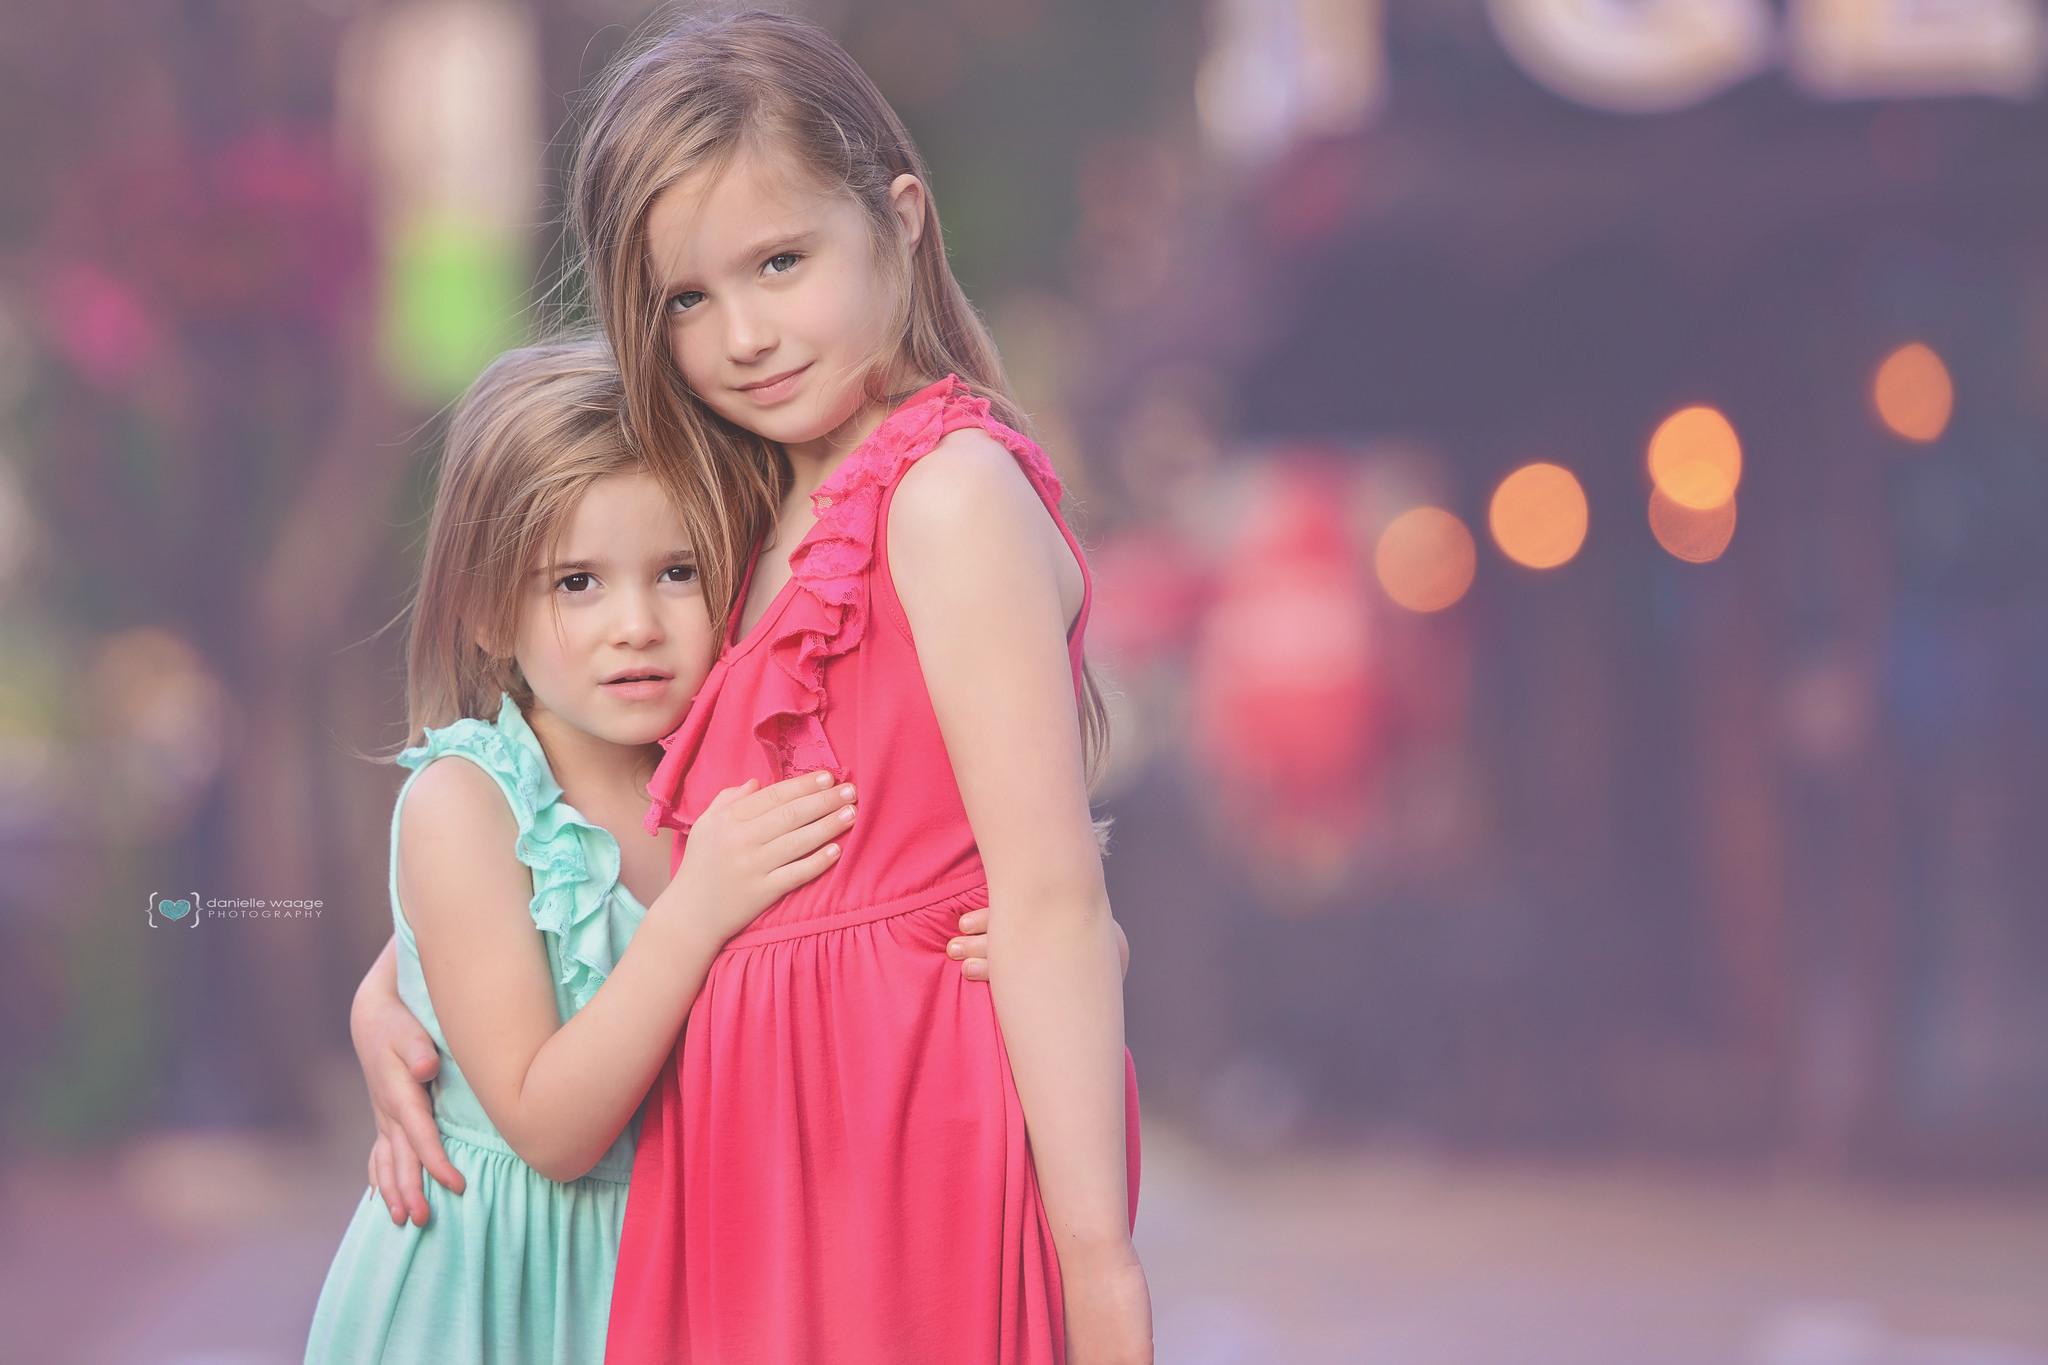 Картинки сестренки старшая и младшая